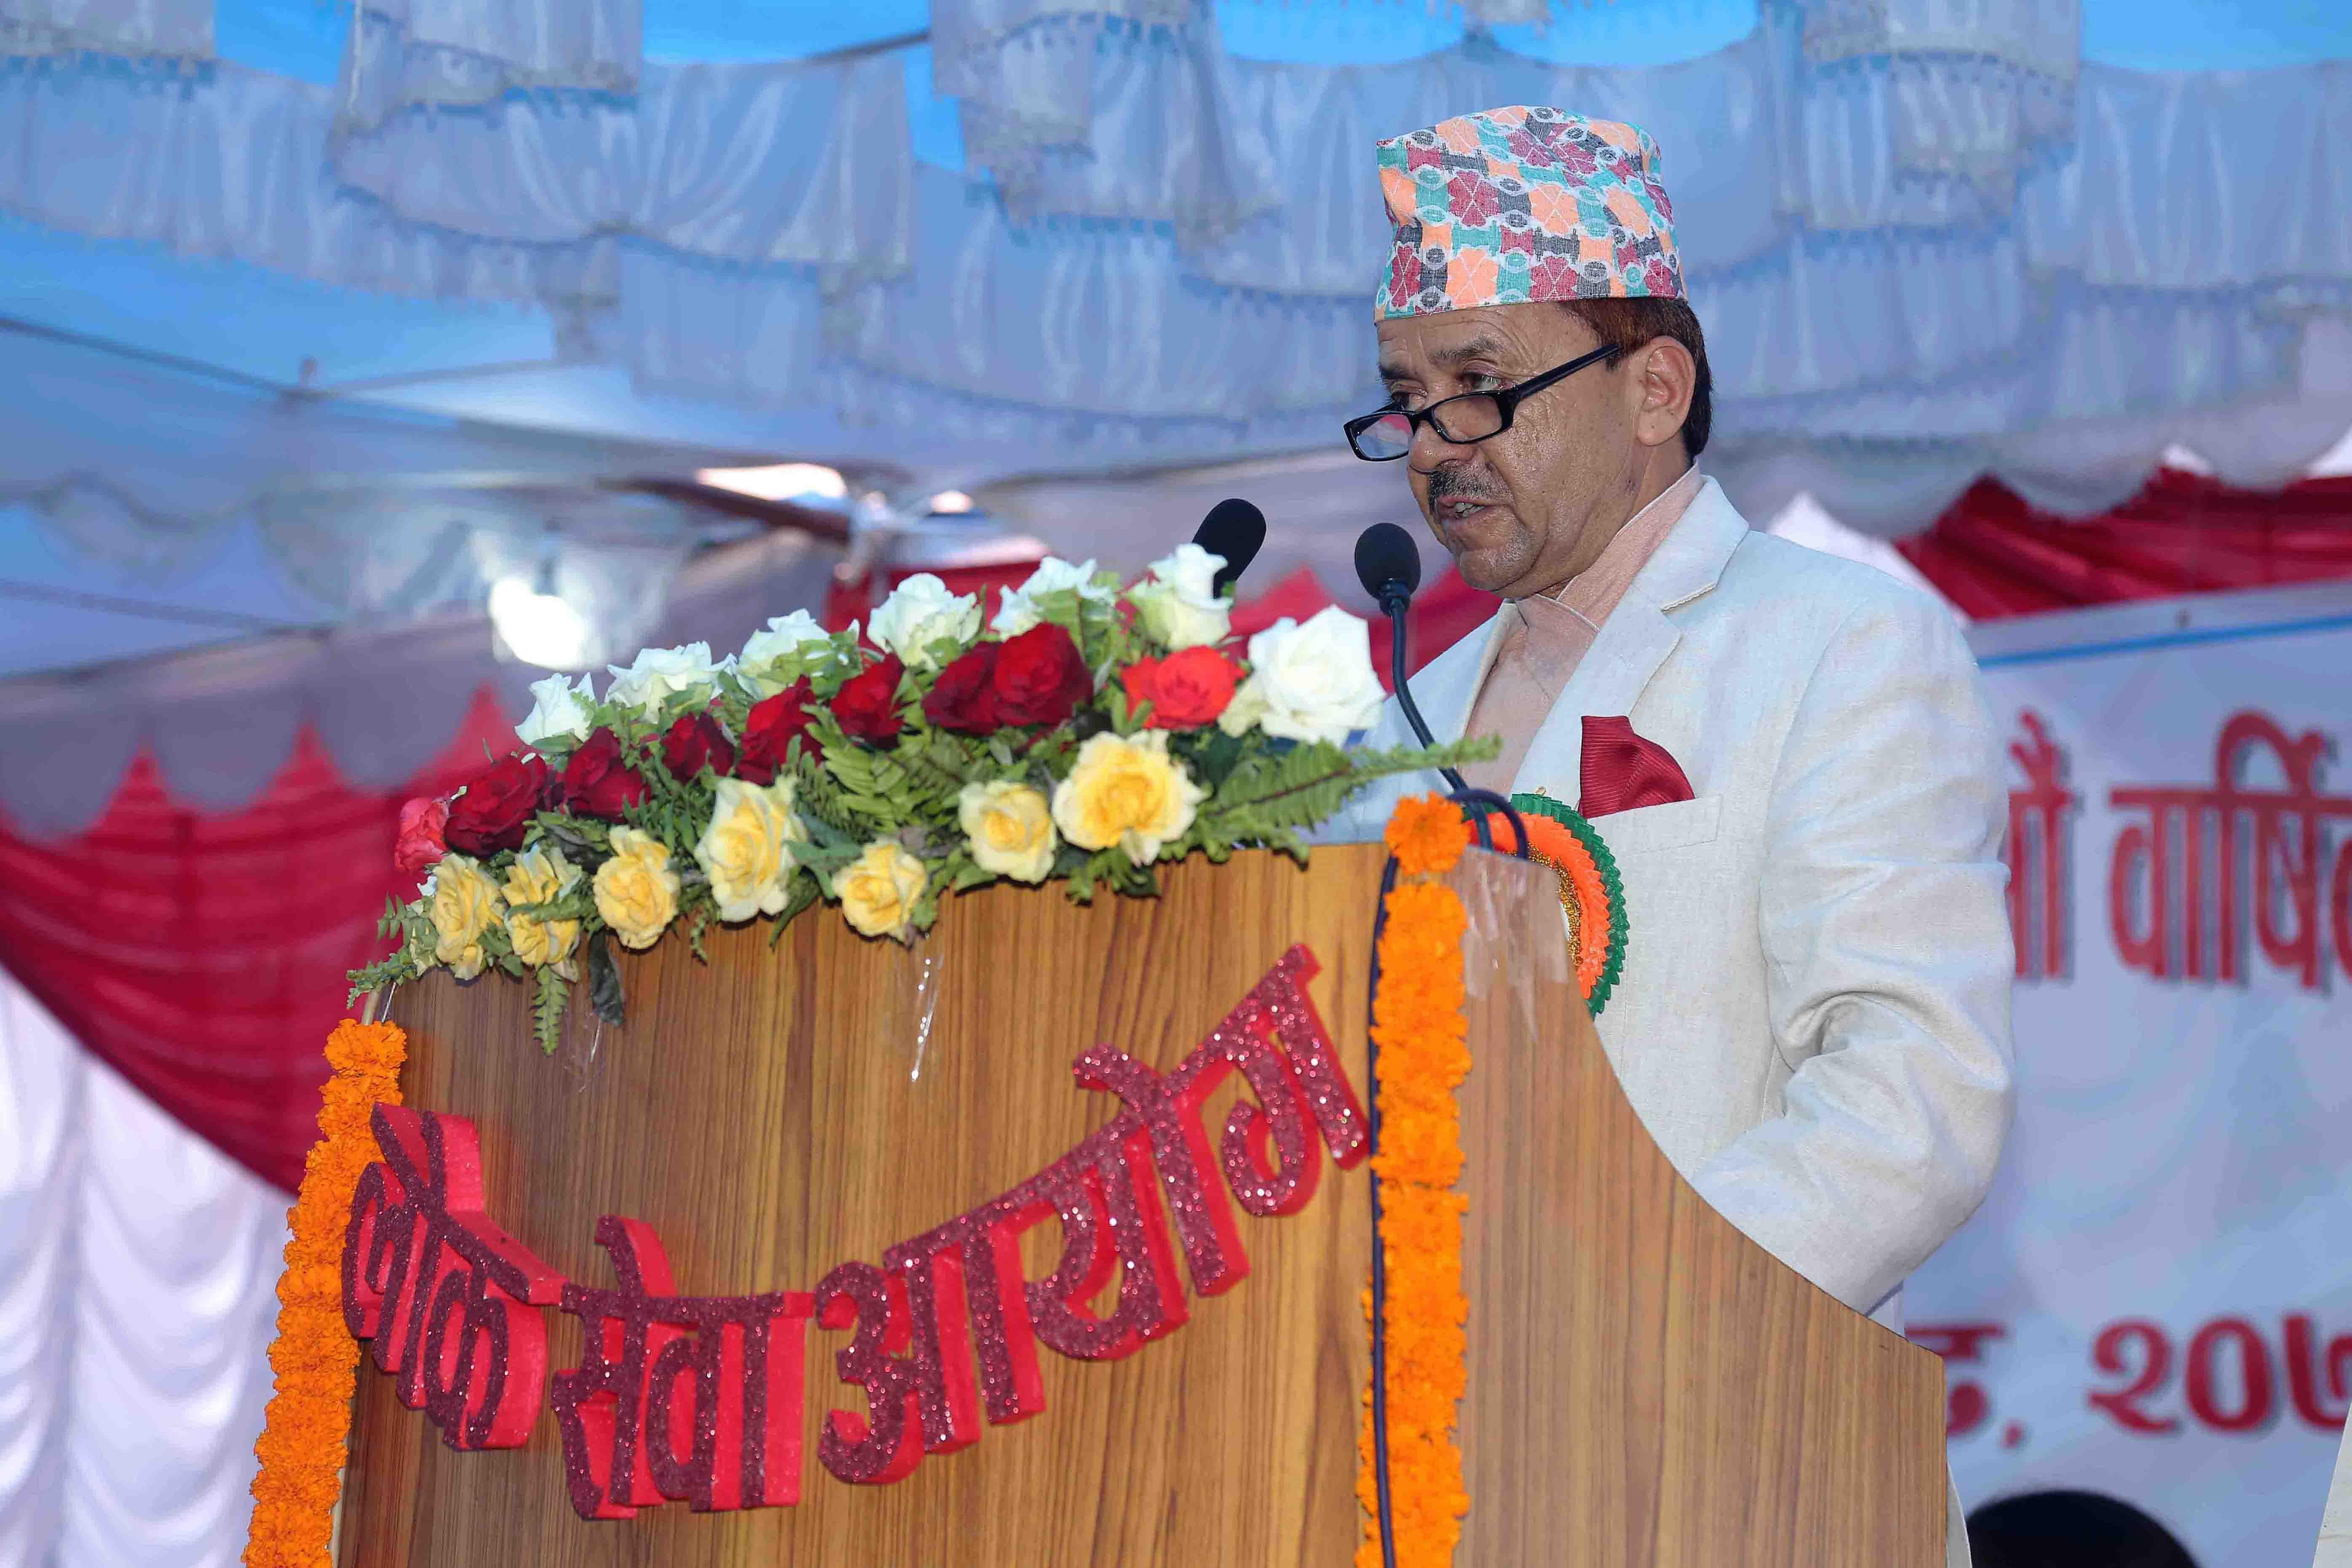 ६६ औं वार्षिकोत्सवमा आयोगको भुमिका तथा भावी योजना प्रस्तुत गर्नुहुँदै अध्यक्ष श्री उमेशप्रसाद मैनाली